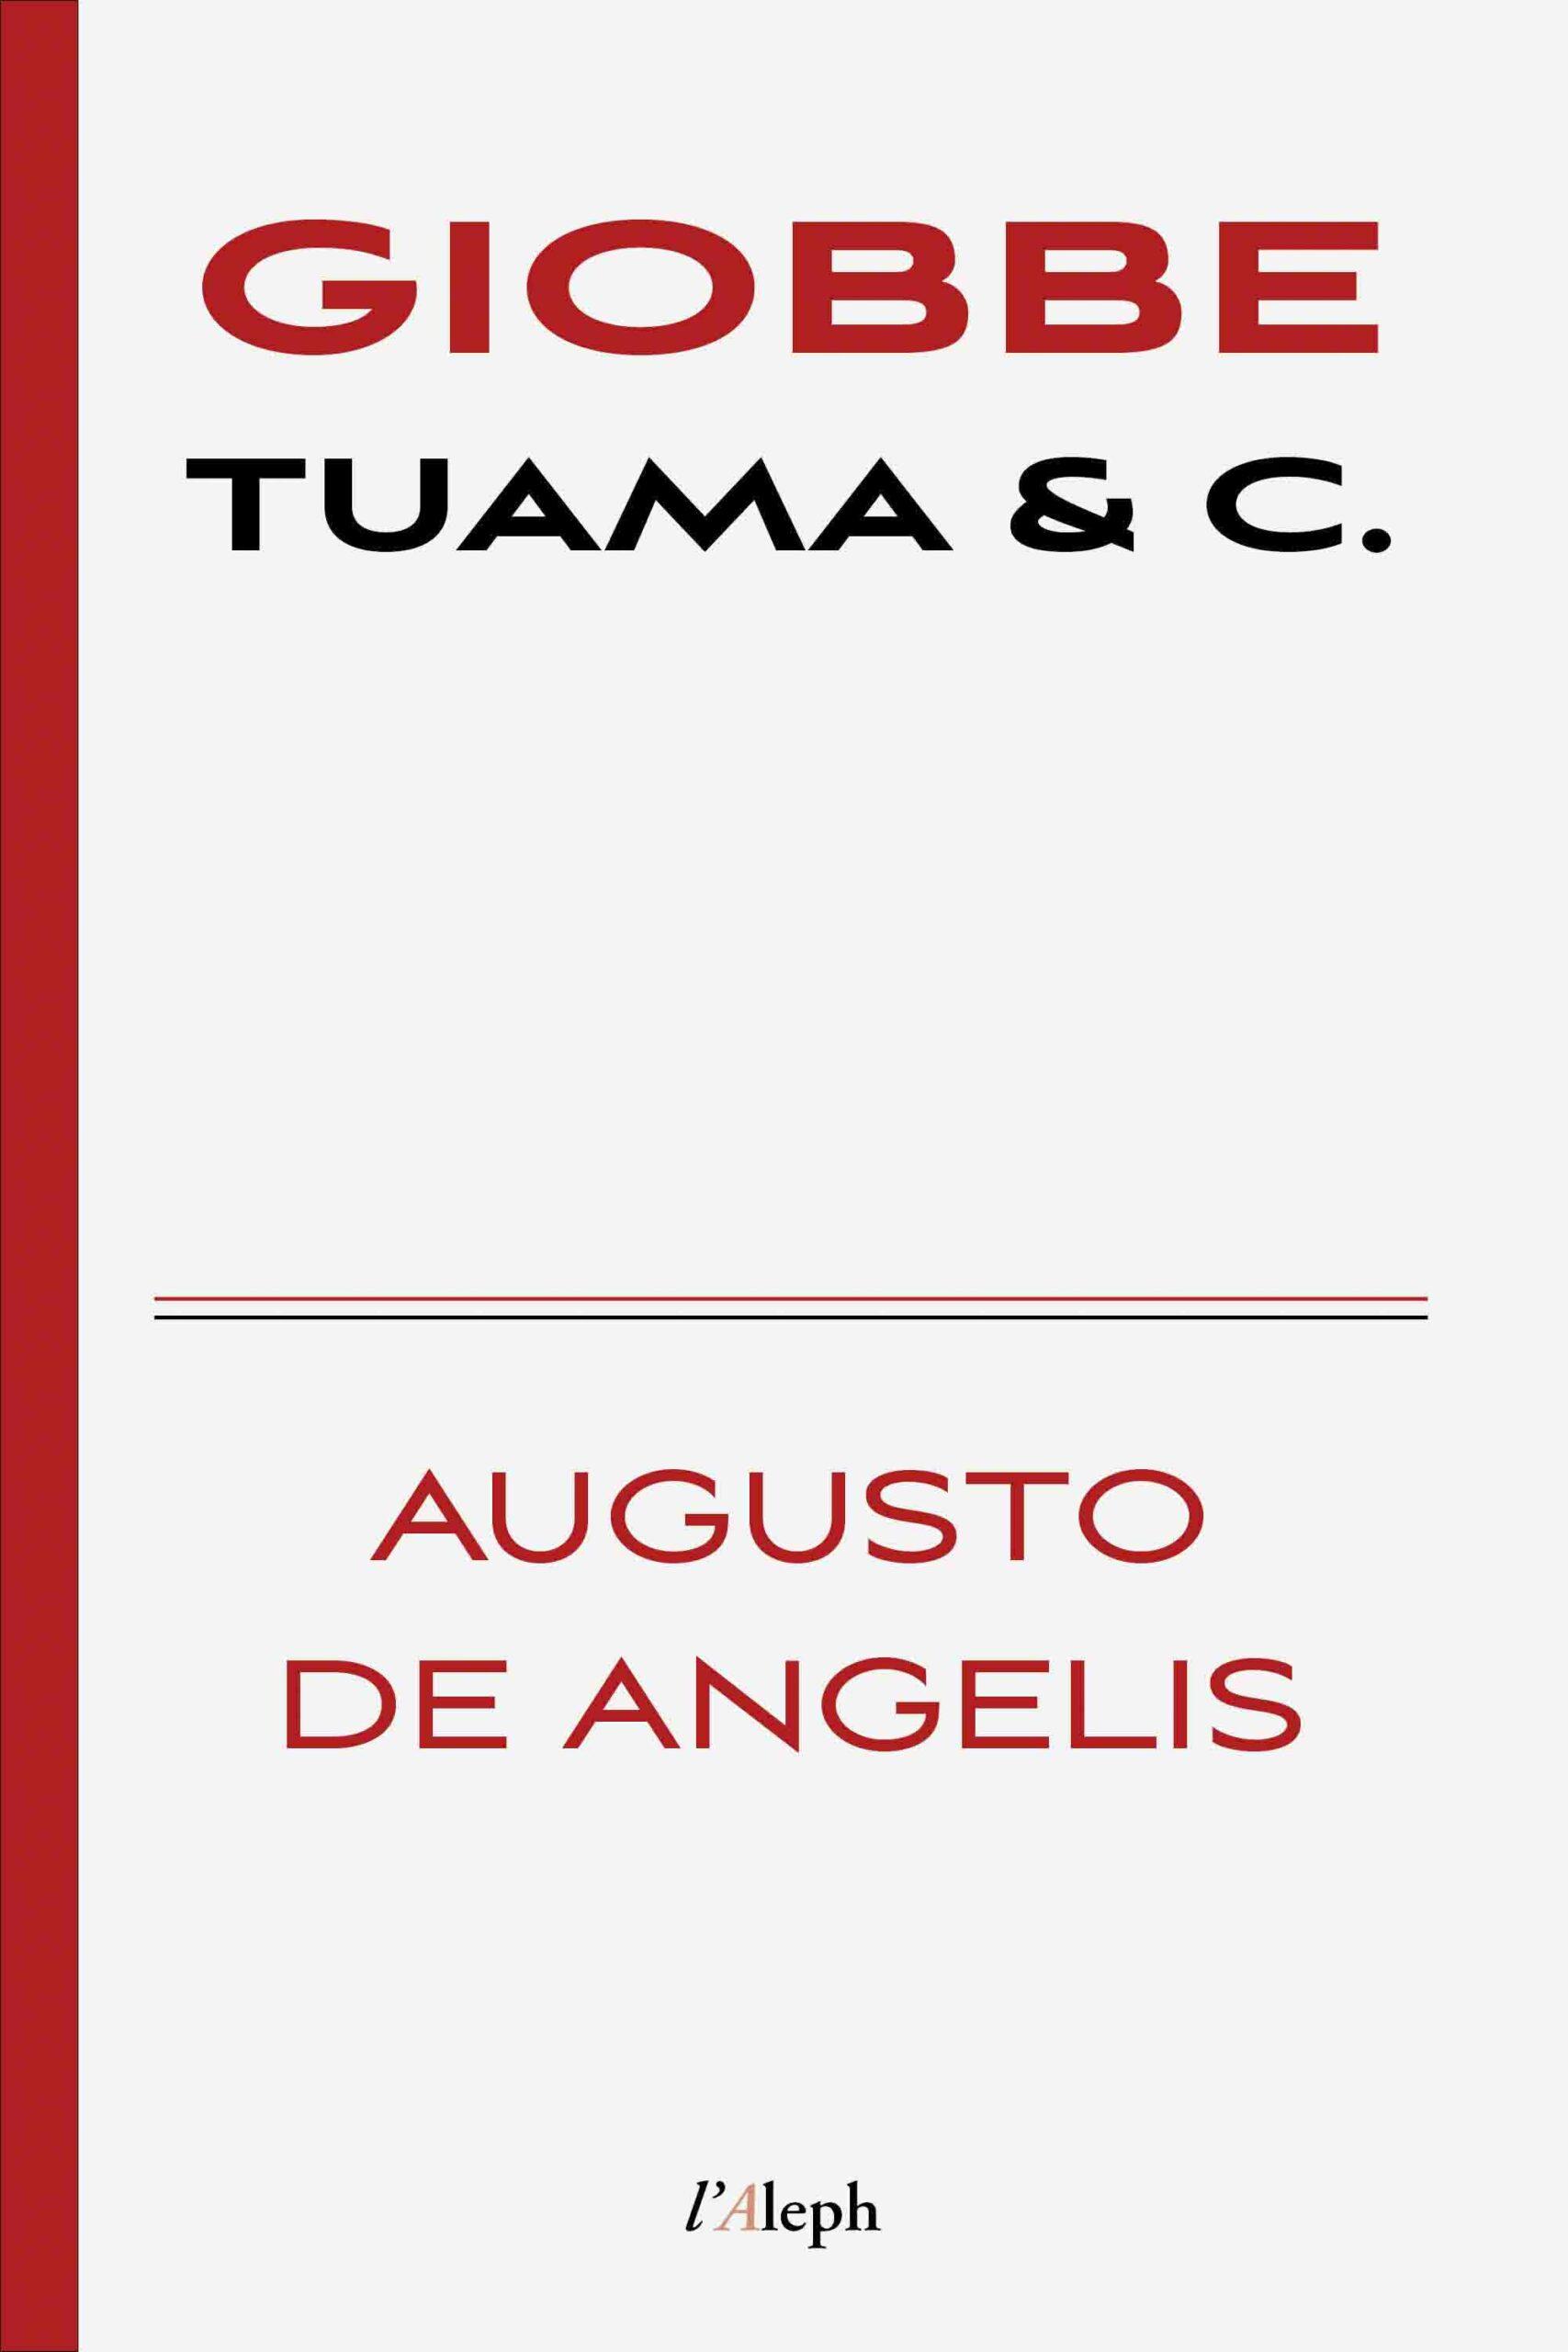 Giobbe Tuama + C.